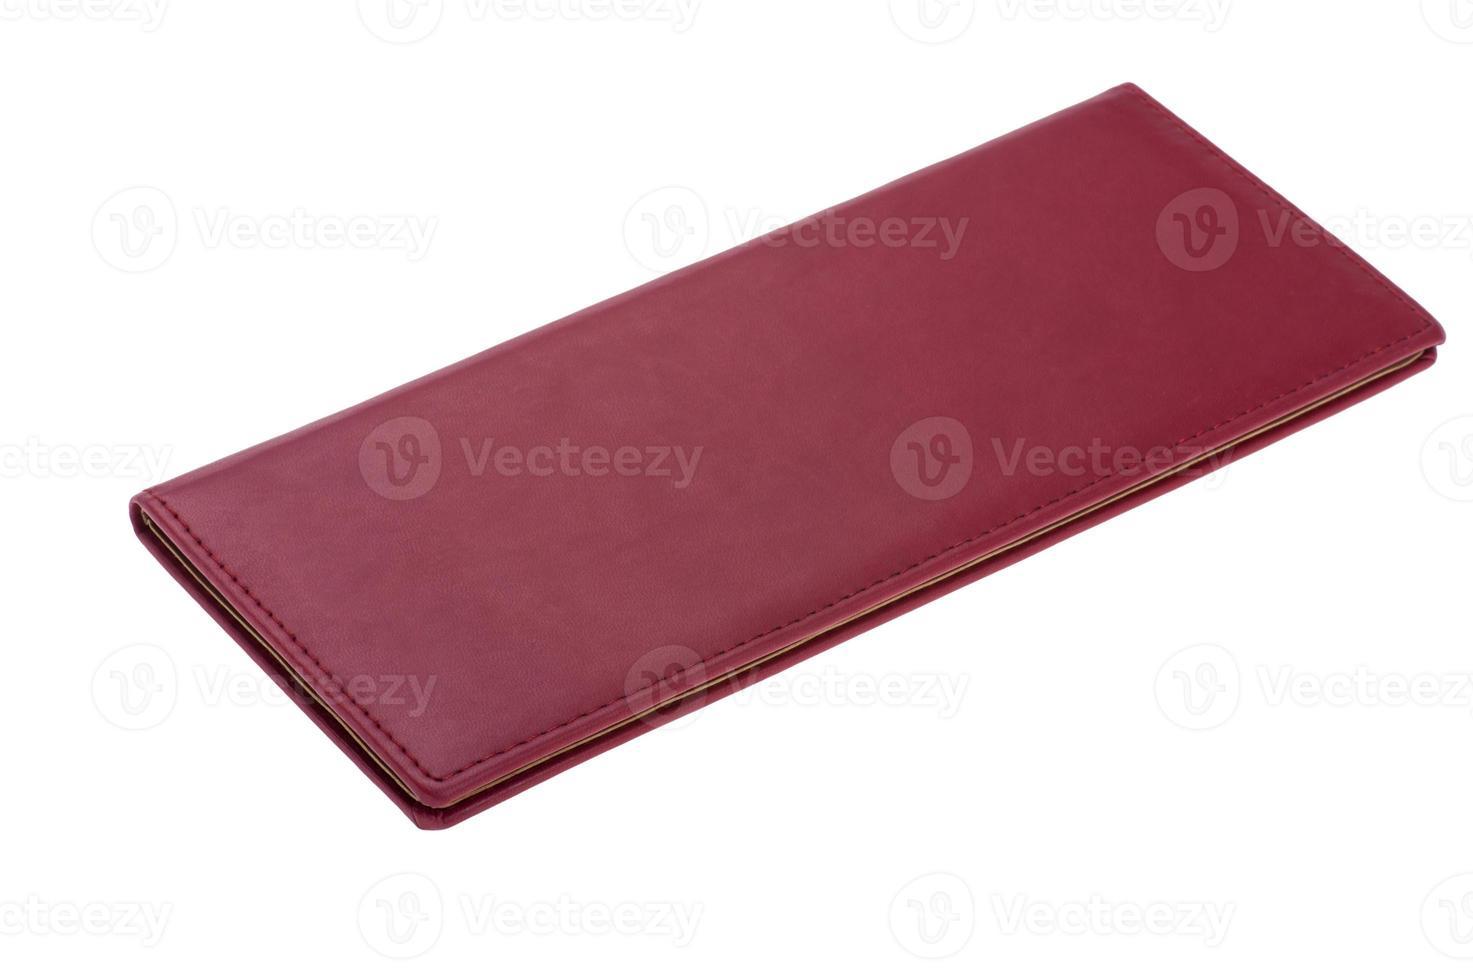 new red handbook photo